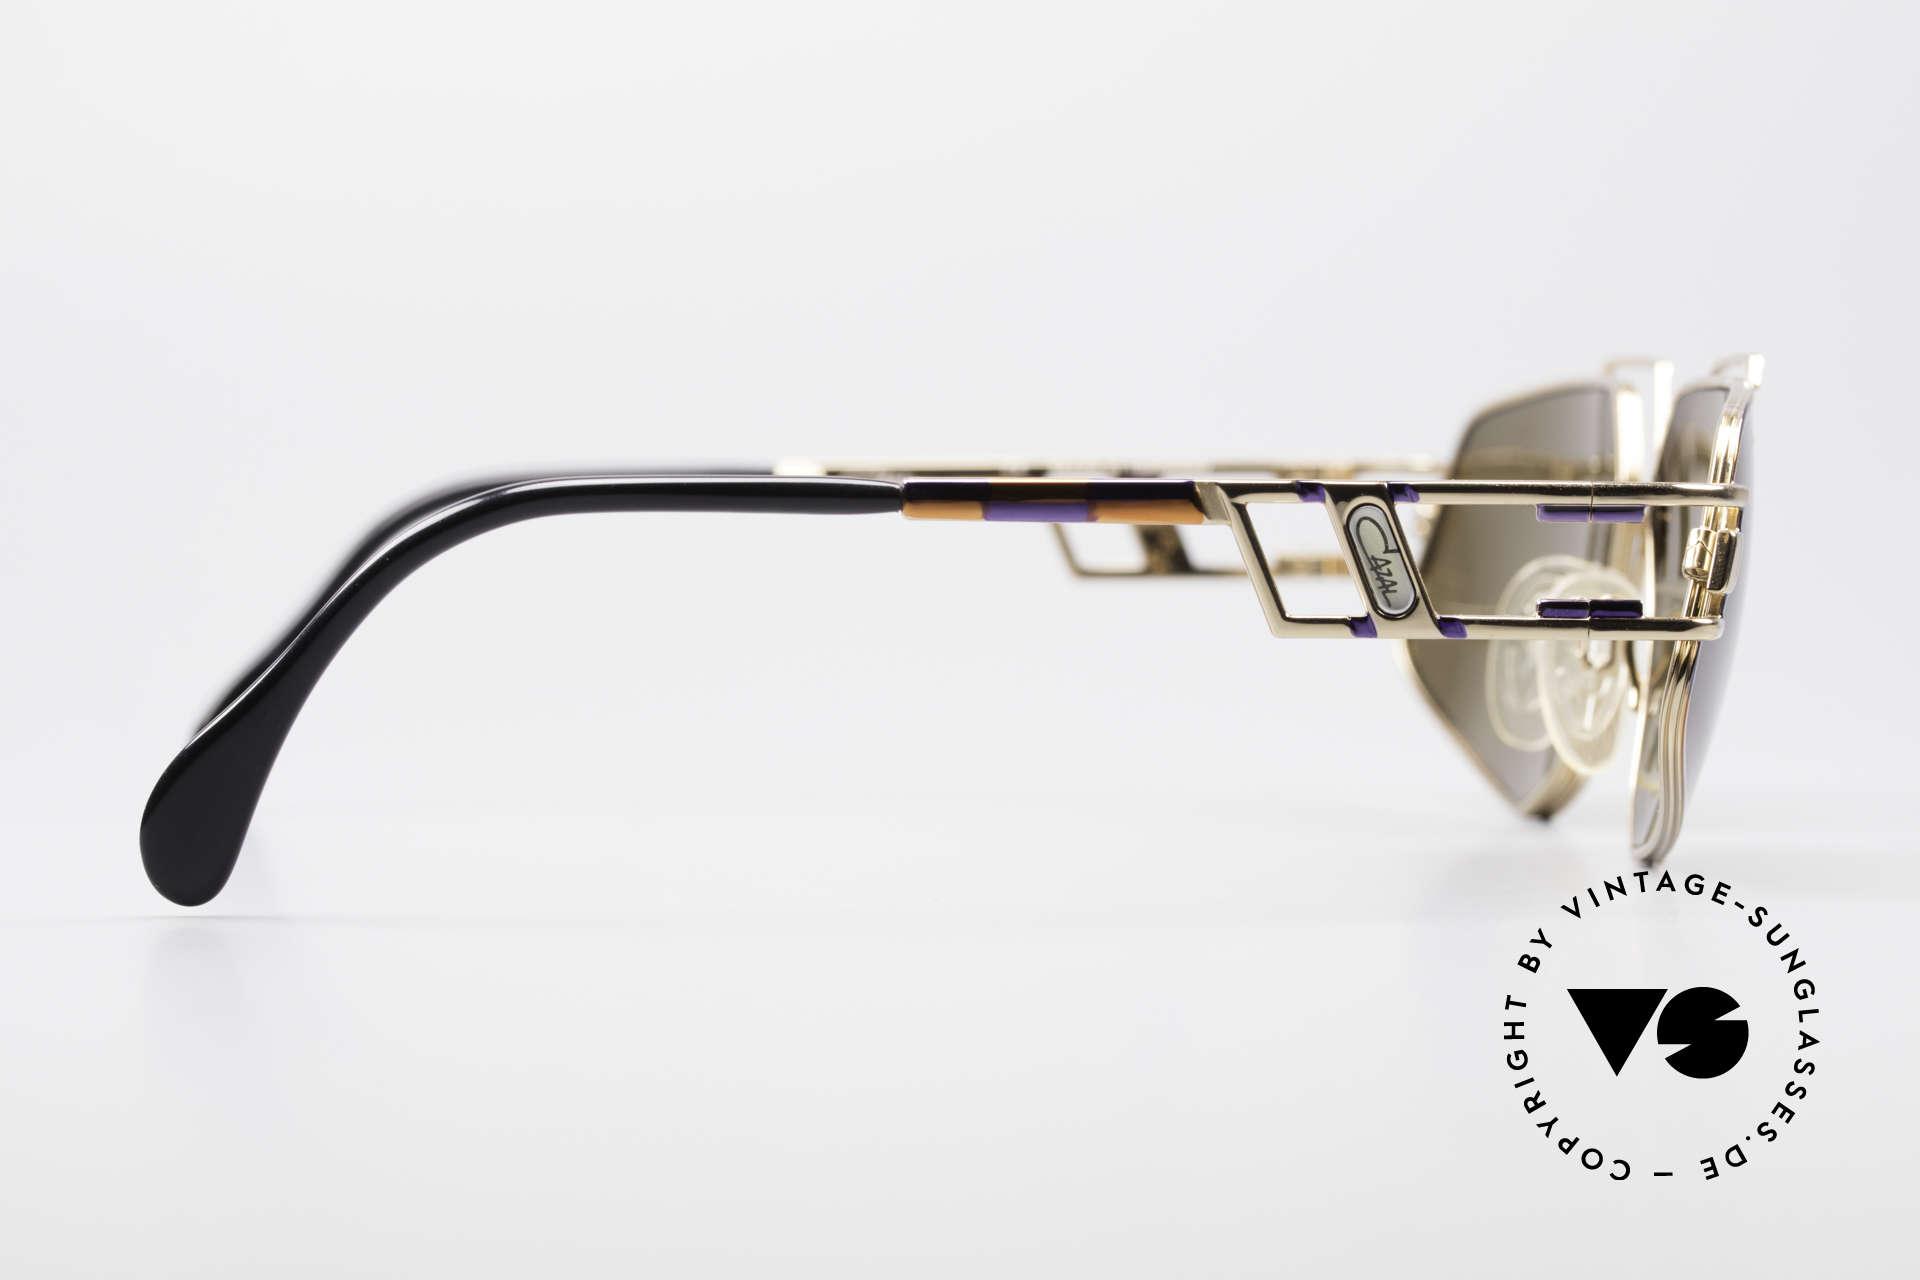 Cazal 961 Vintage Designer Sonnenbrille, ungetragen (wie alle unsere alten Designer-Brillen), Passend für Herren und Damen